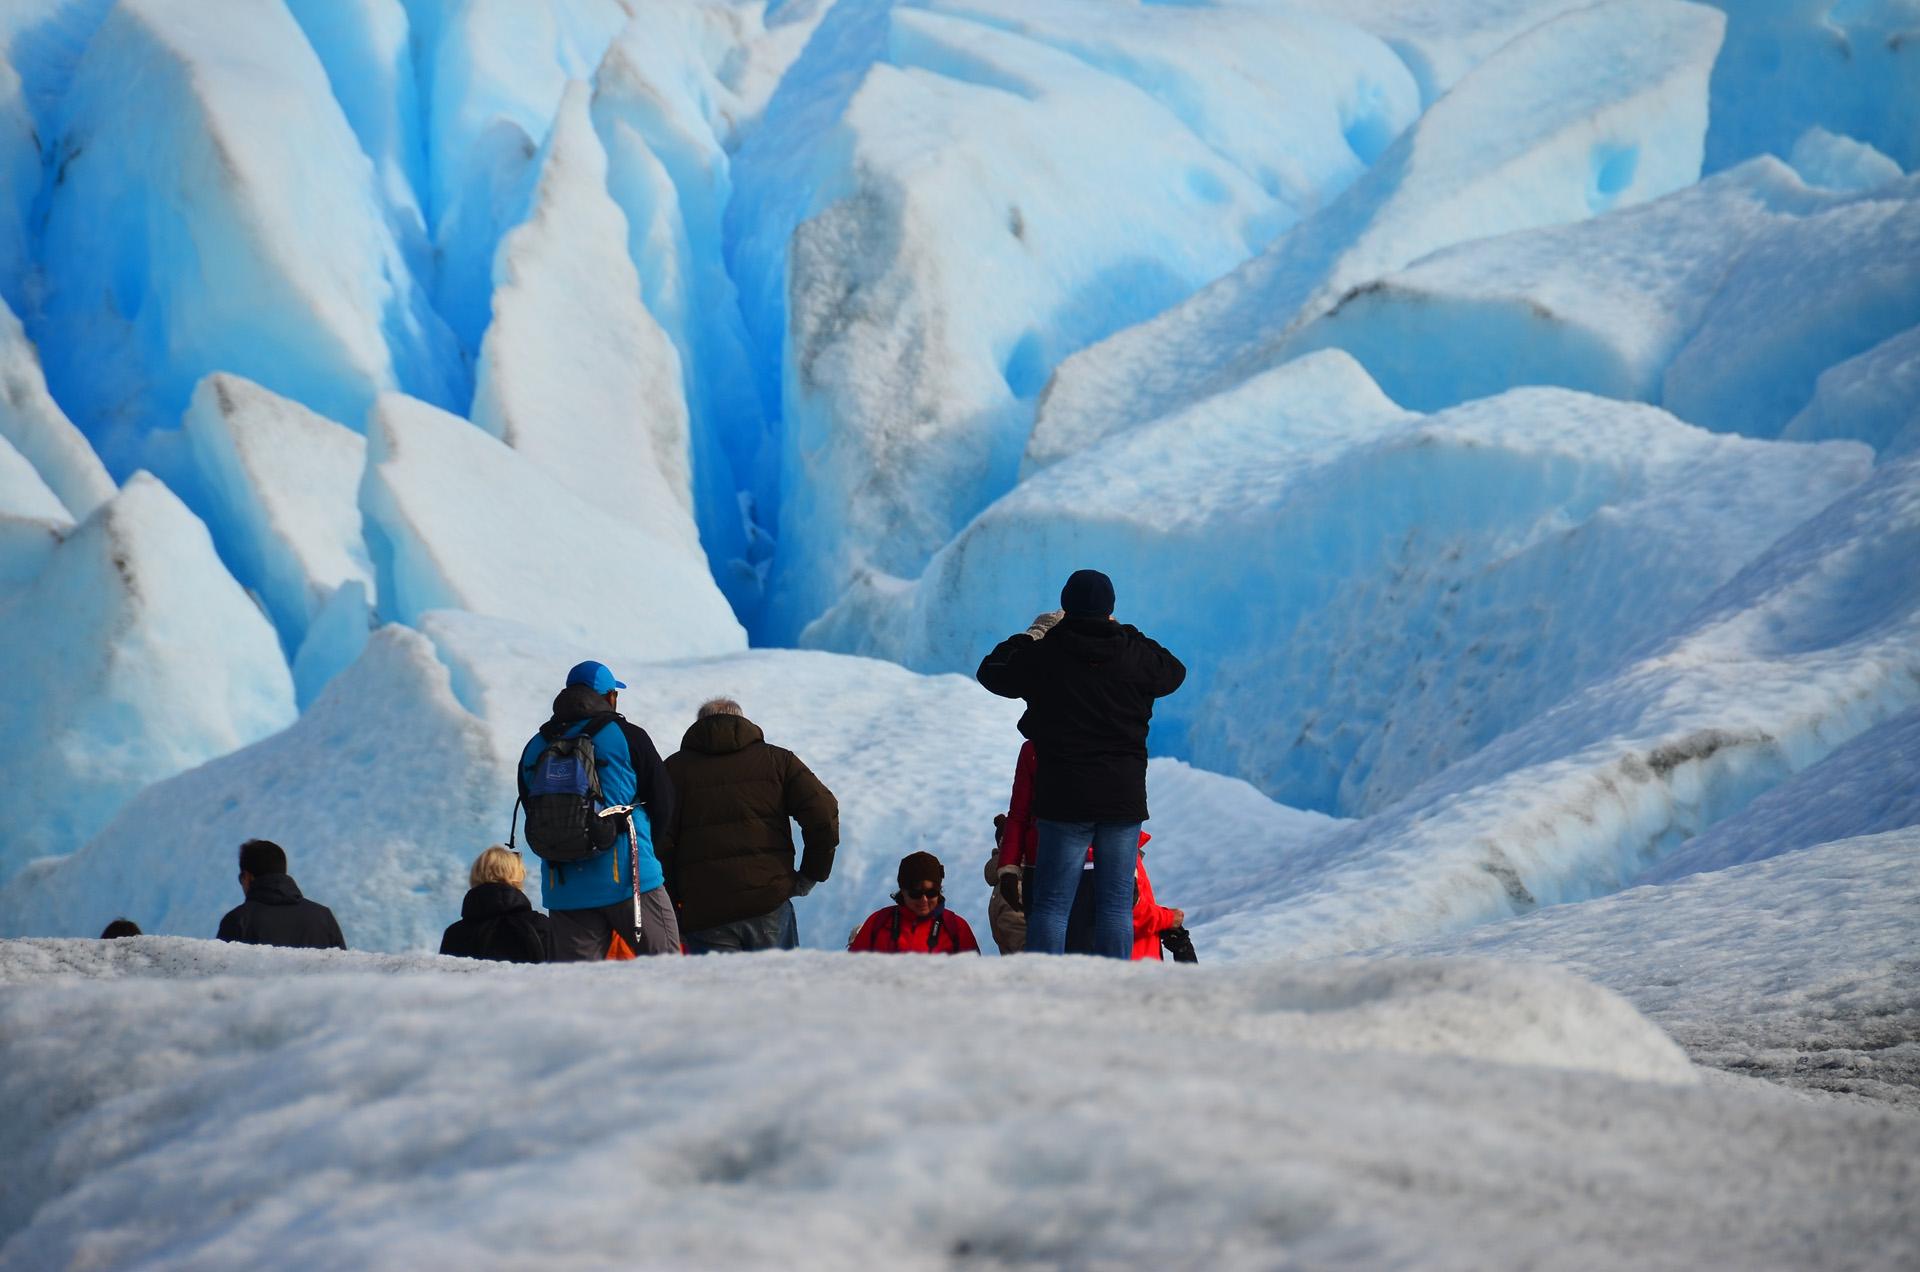 El Perito Moreno, con un frente de 5 km de longitudy una altura de unos 60 metros,forma una represa con las aguas del brazo Rico del Lago Argentino.Se desliza a una velocidad de 100 metros por año,lo que termina produciendo la famosa ruptura de sus paredes